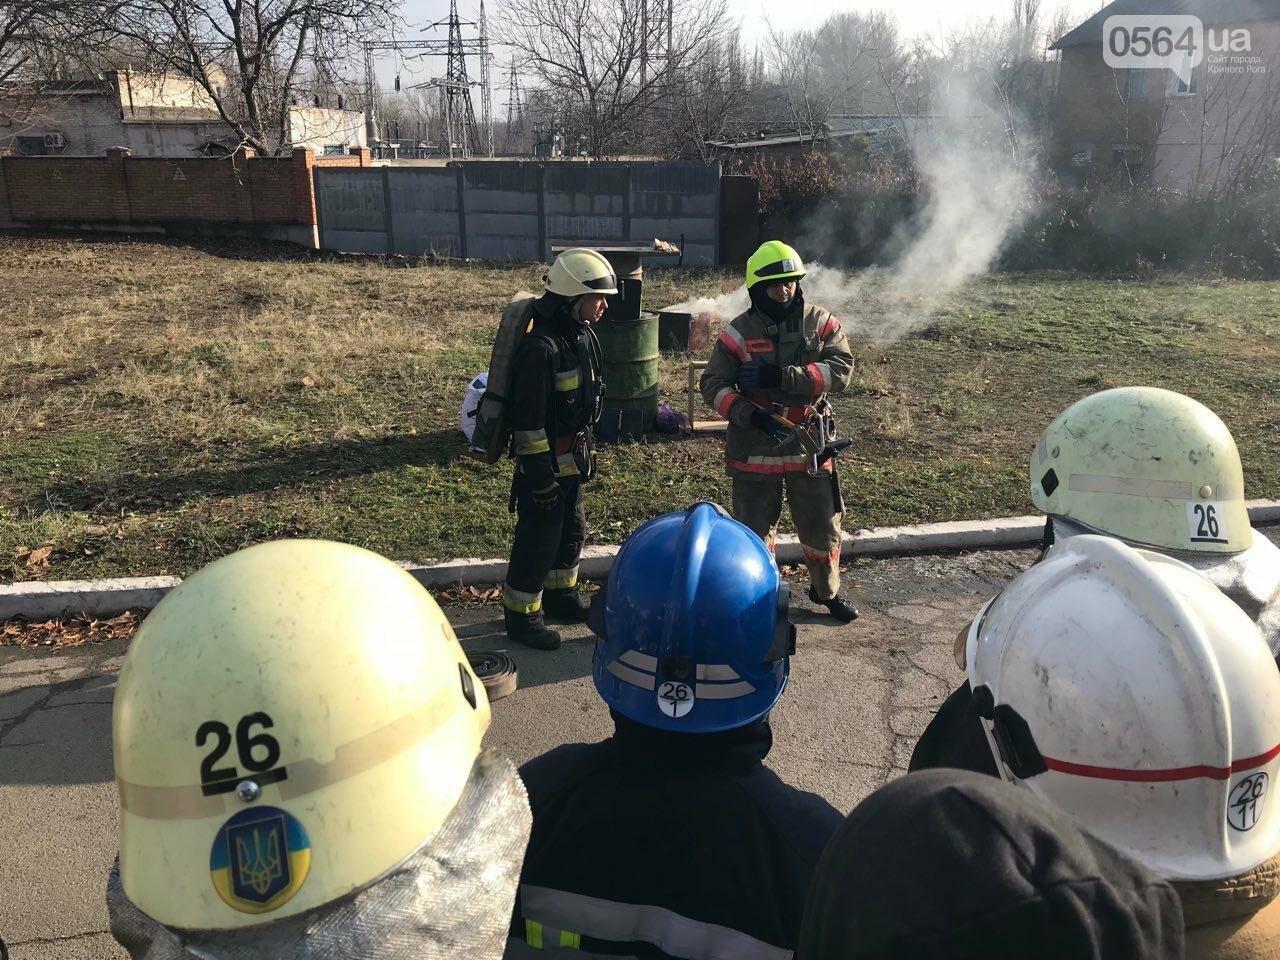 Криворожские спасатели повышали оперативное мастерство на сложных пожарах, - ФОТО , фото-2